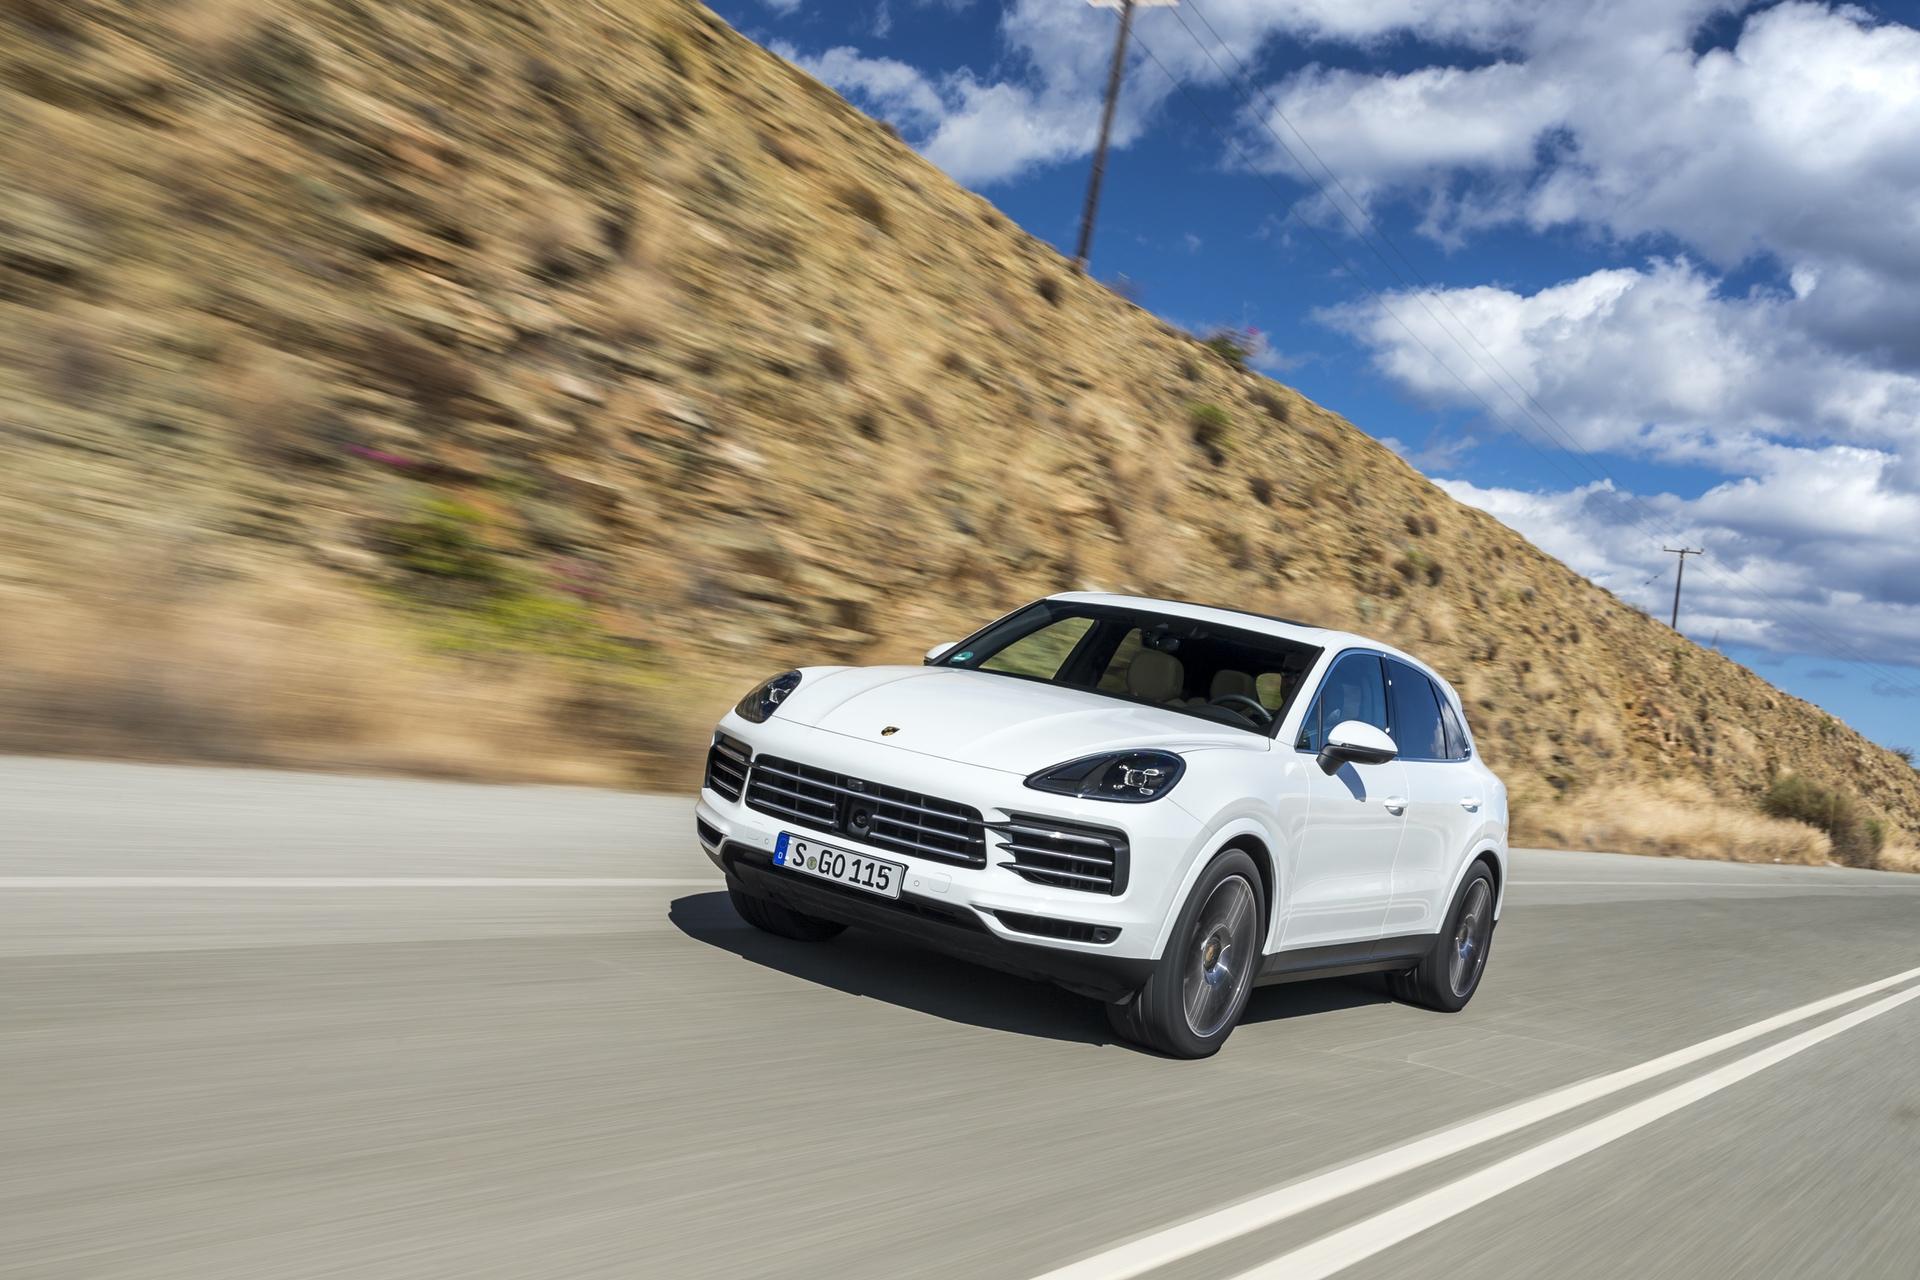 Test_Drive_Porsche_Cayenne_338